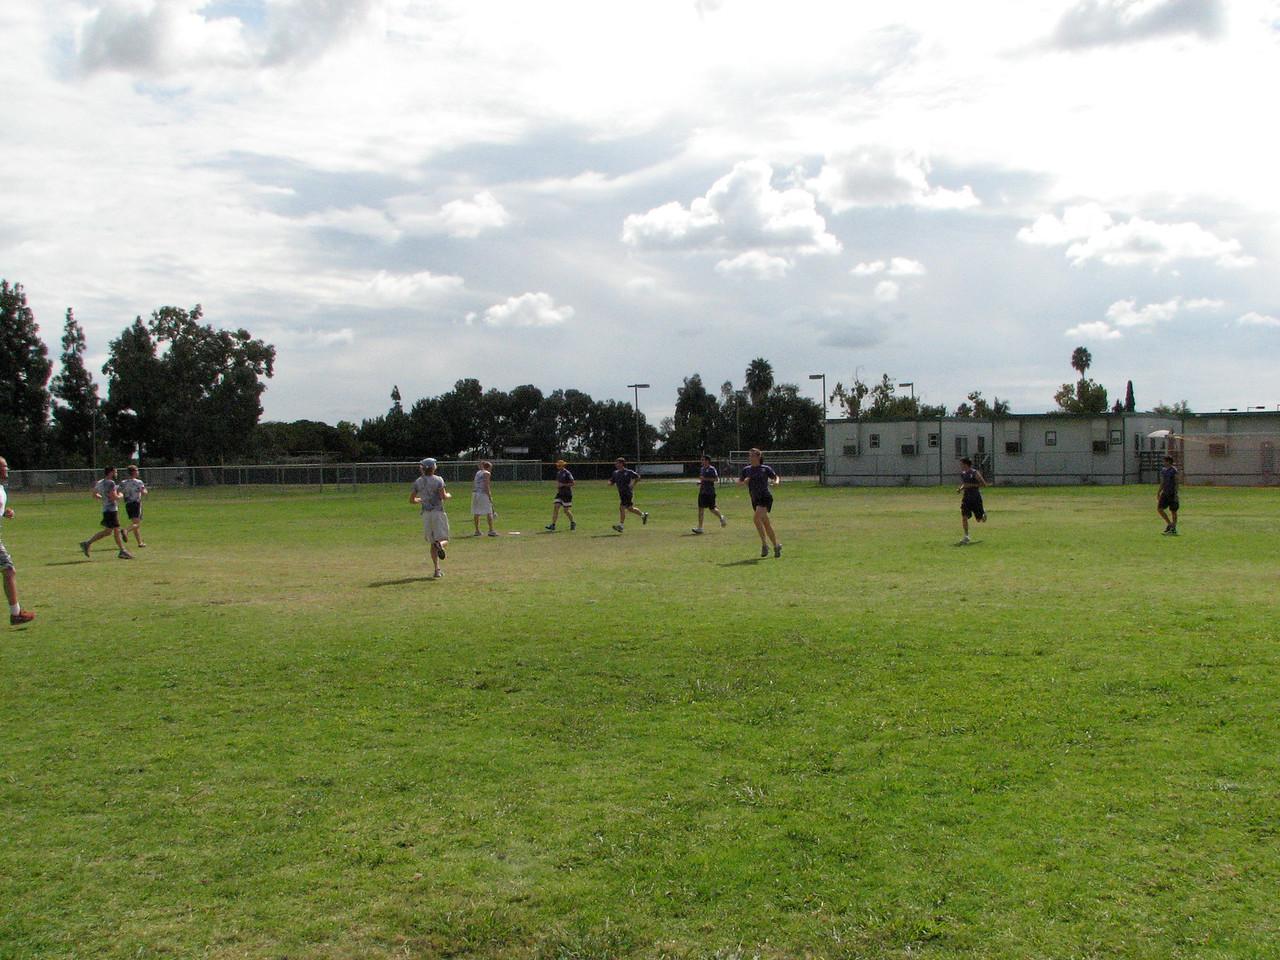 2006 10 13 Fri - Wide field shot 5